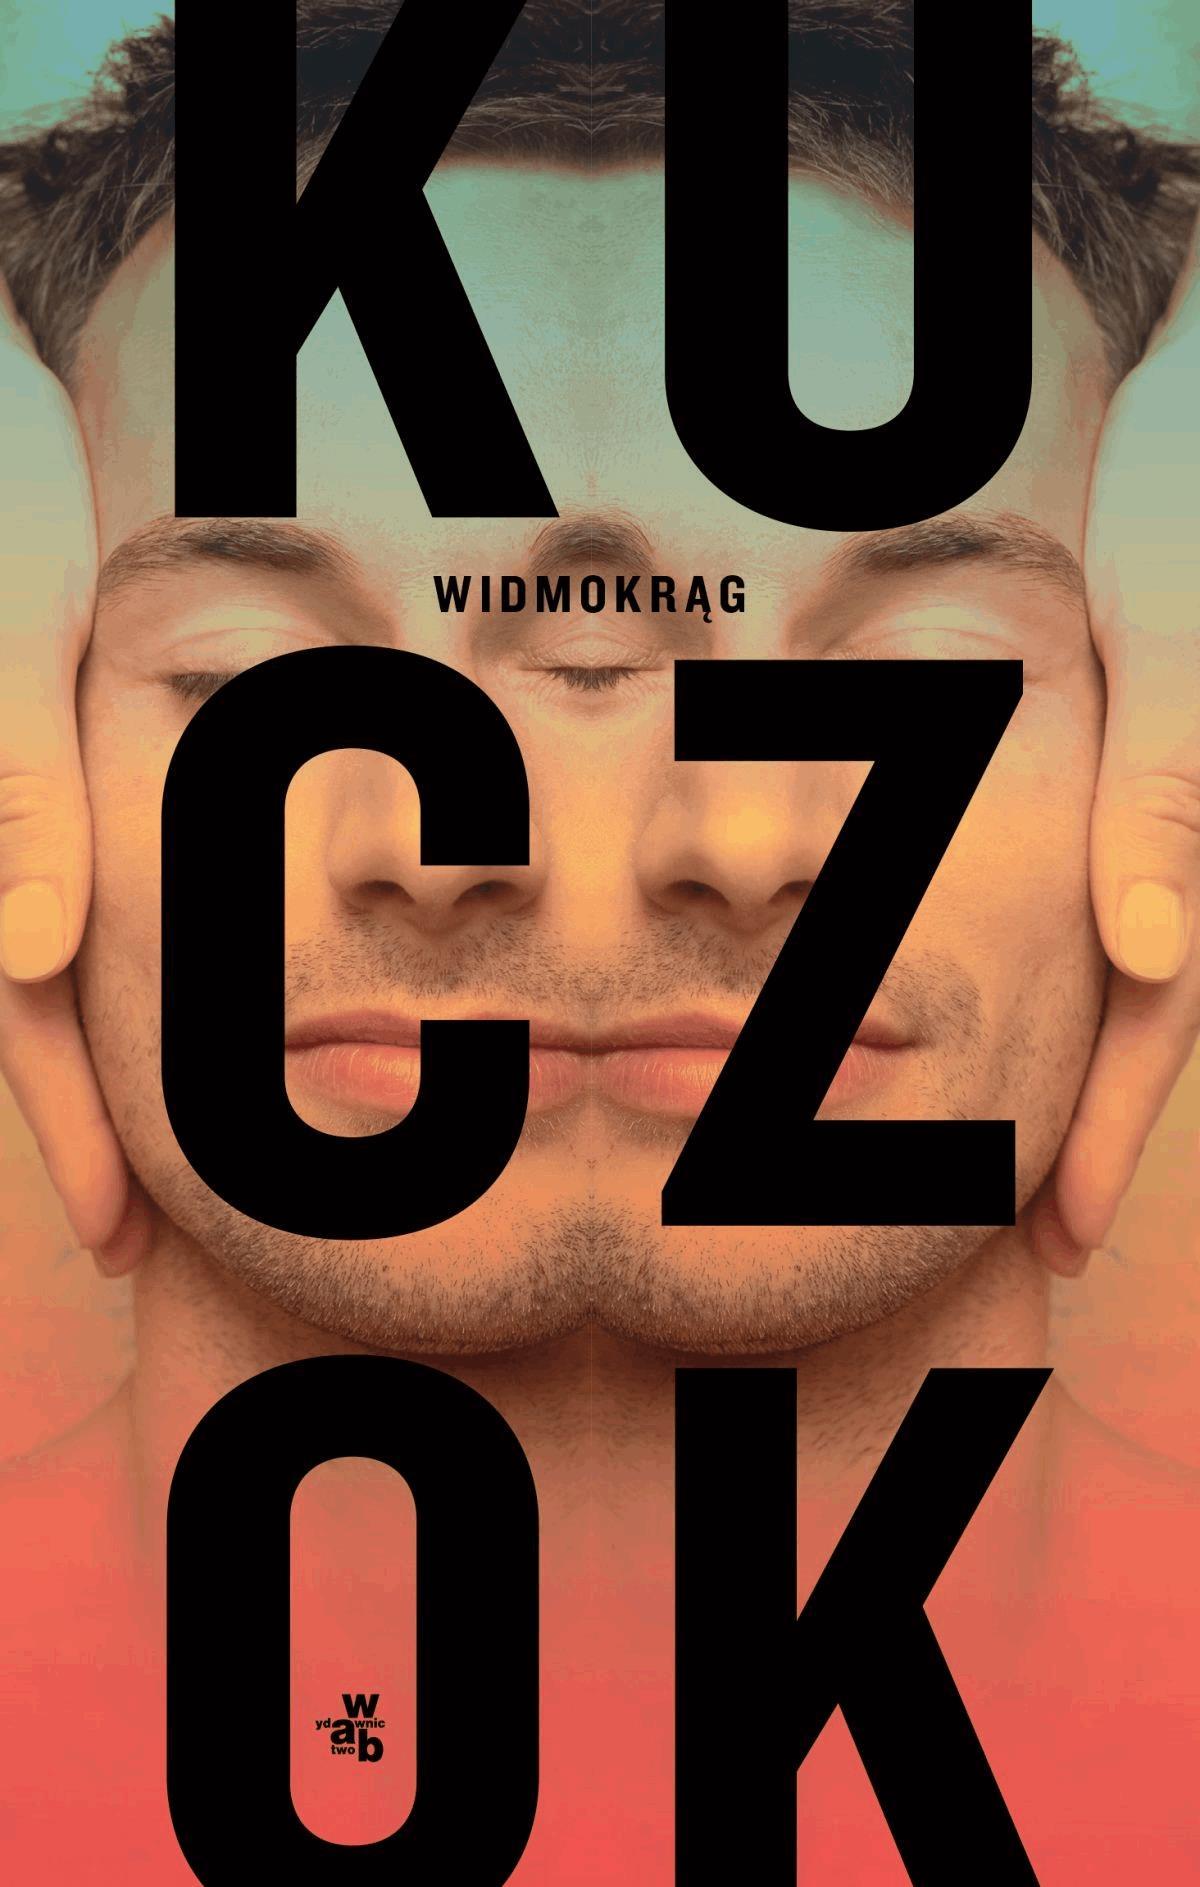 Widmokrąg - Tylko w Legimi możesz przeczytać ten tytuł przez 7 dni za darmo. - Wojciech Kuczok